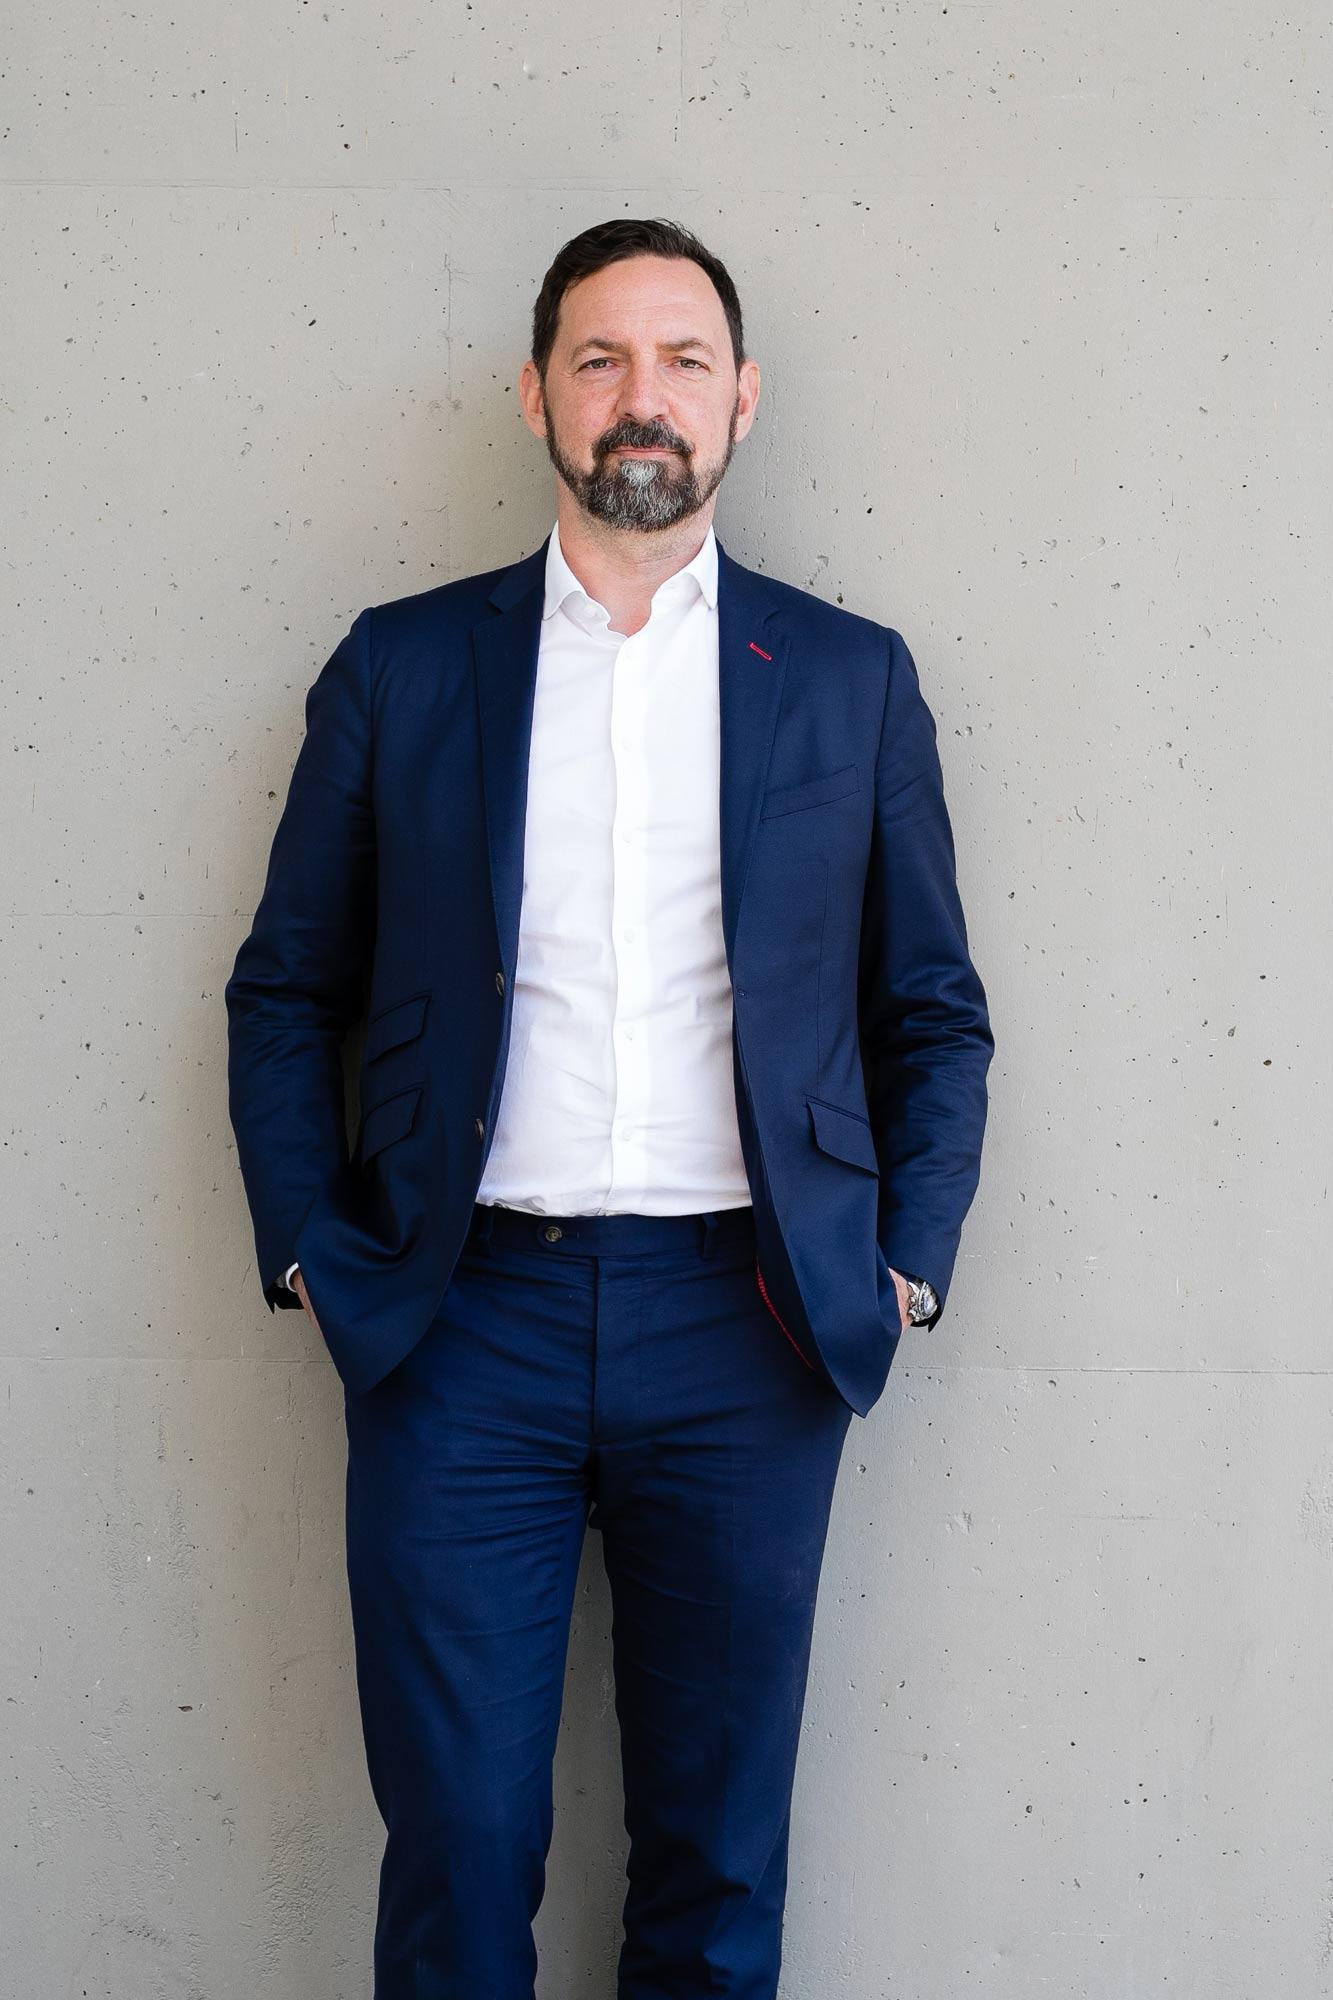 Christoph Kowollik